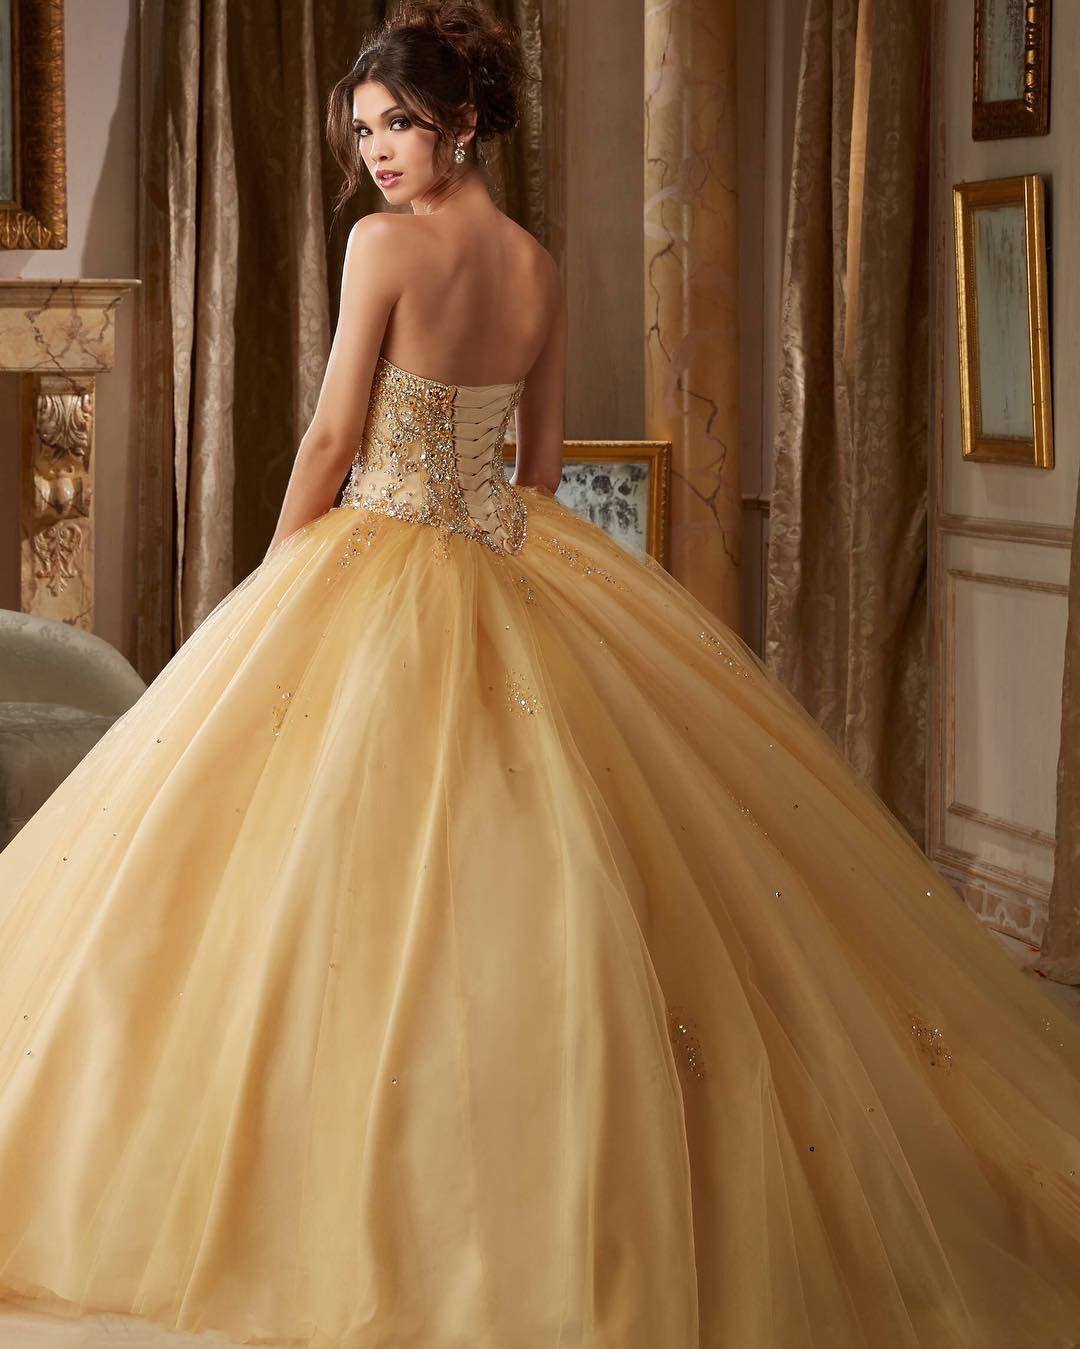 505454f21 Nueva Colección de Vestido de 15 años!! Hermoso